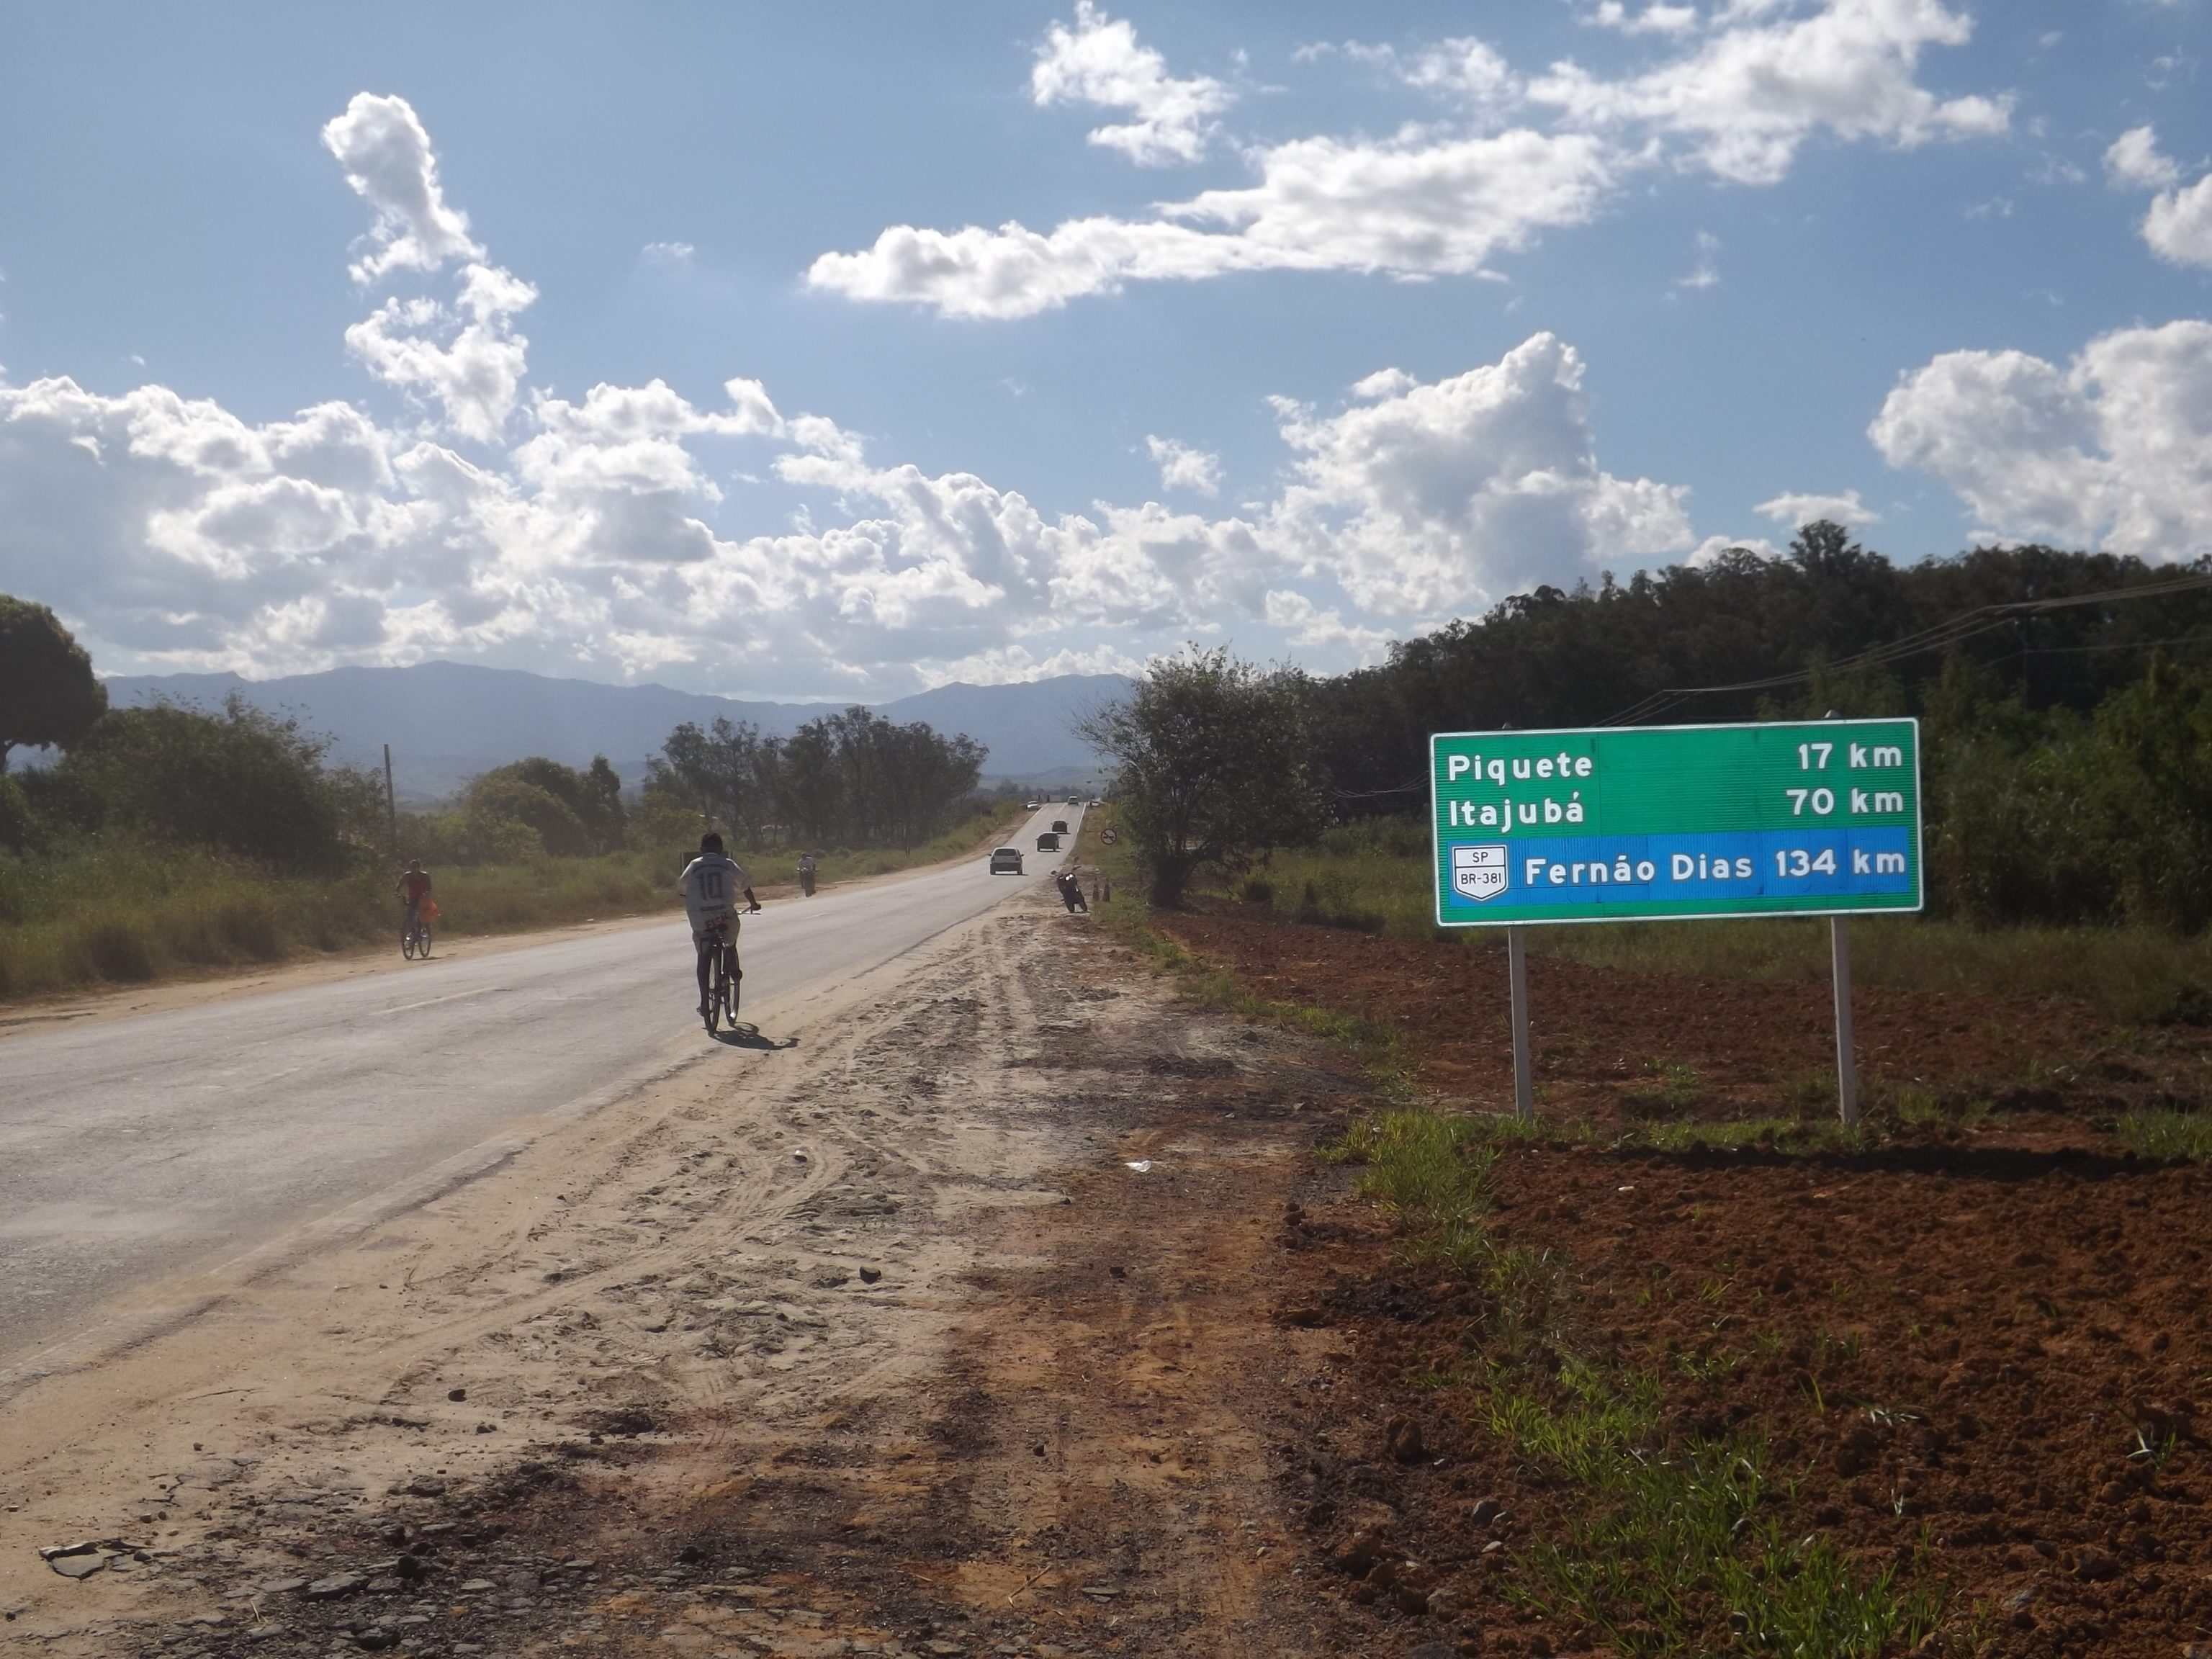 Ligação de Lorena ao sul de Minas, a BR-459 que foi reaberta na última quarta (Lucas Barbosa)